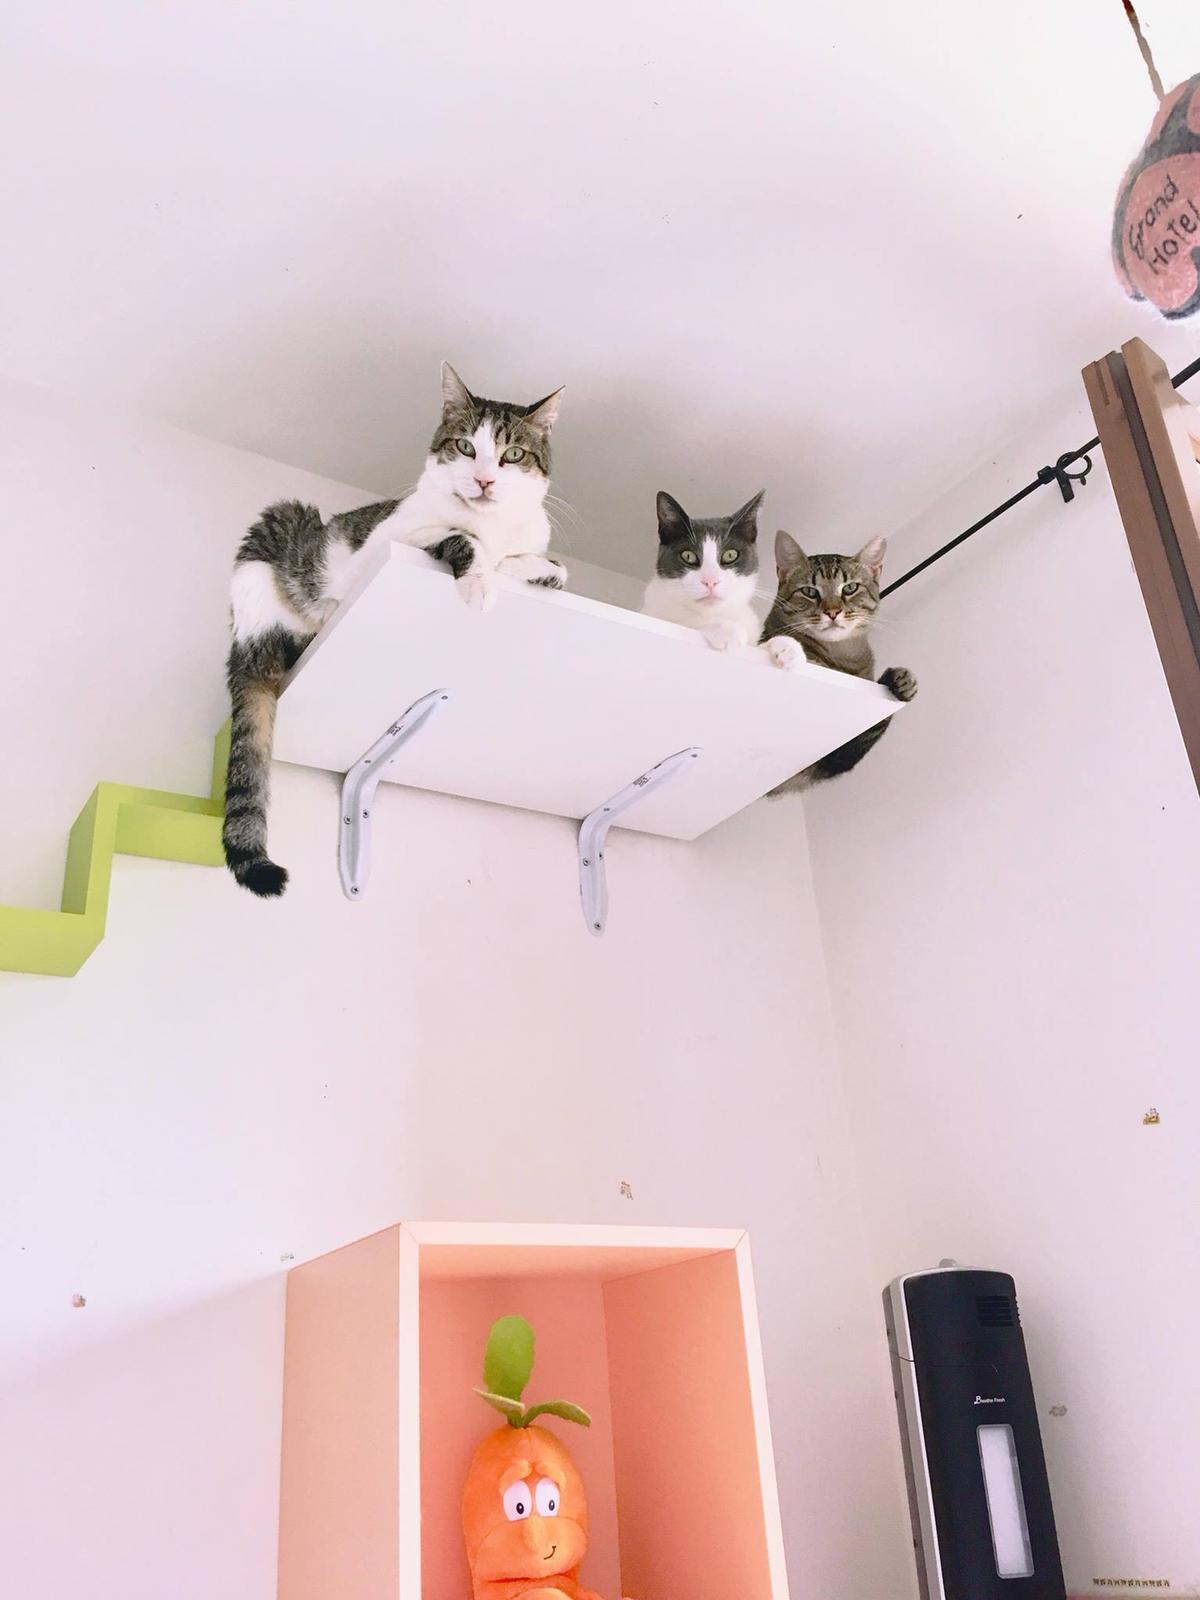 arricchimento ambientale gatti depressione